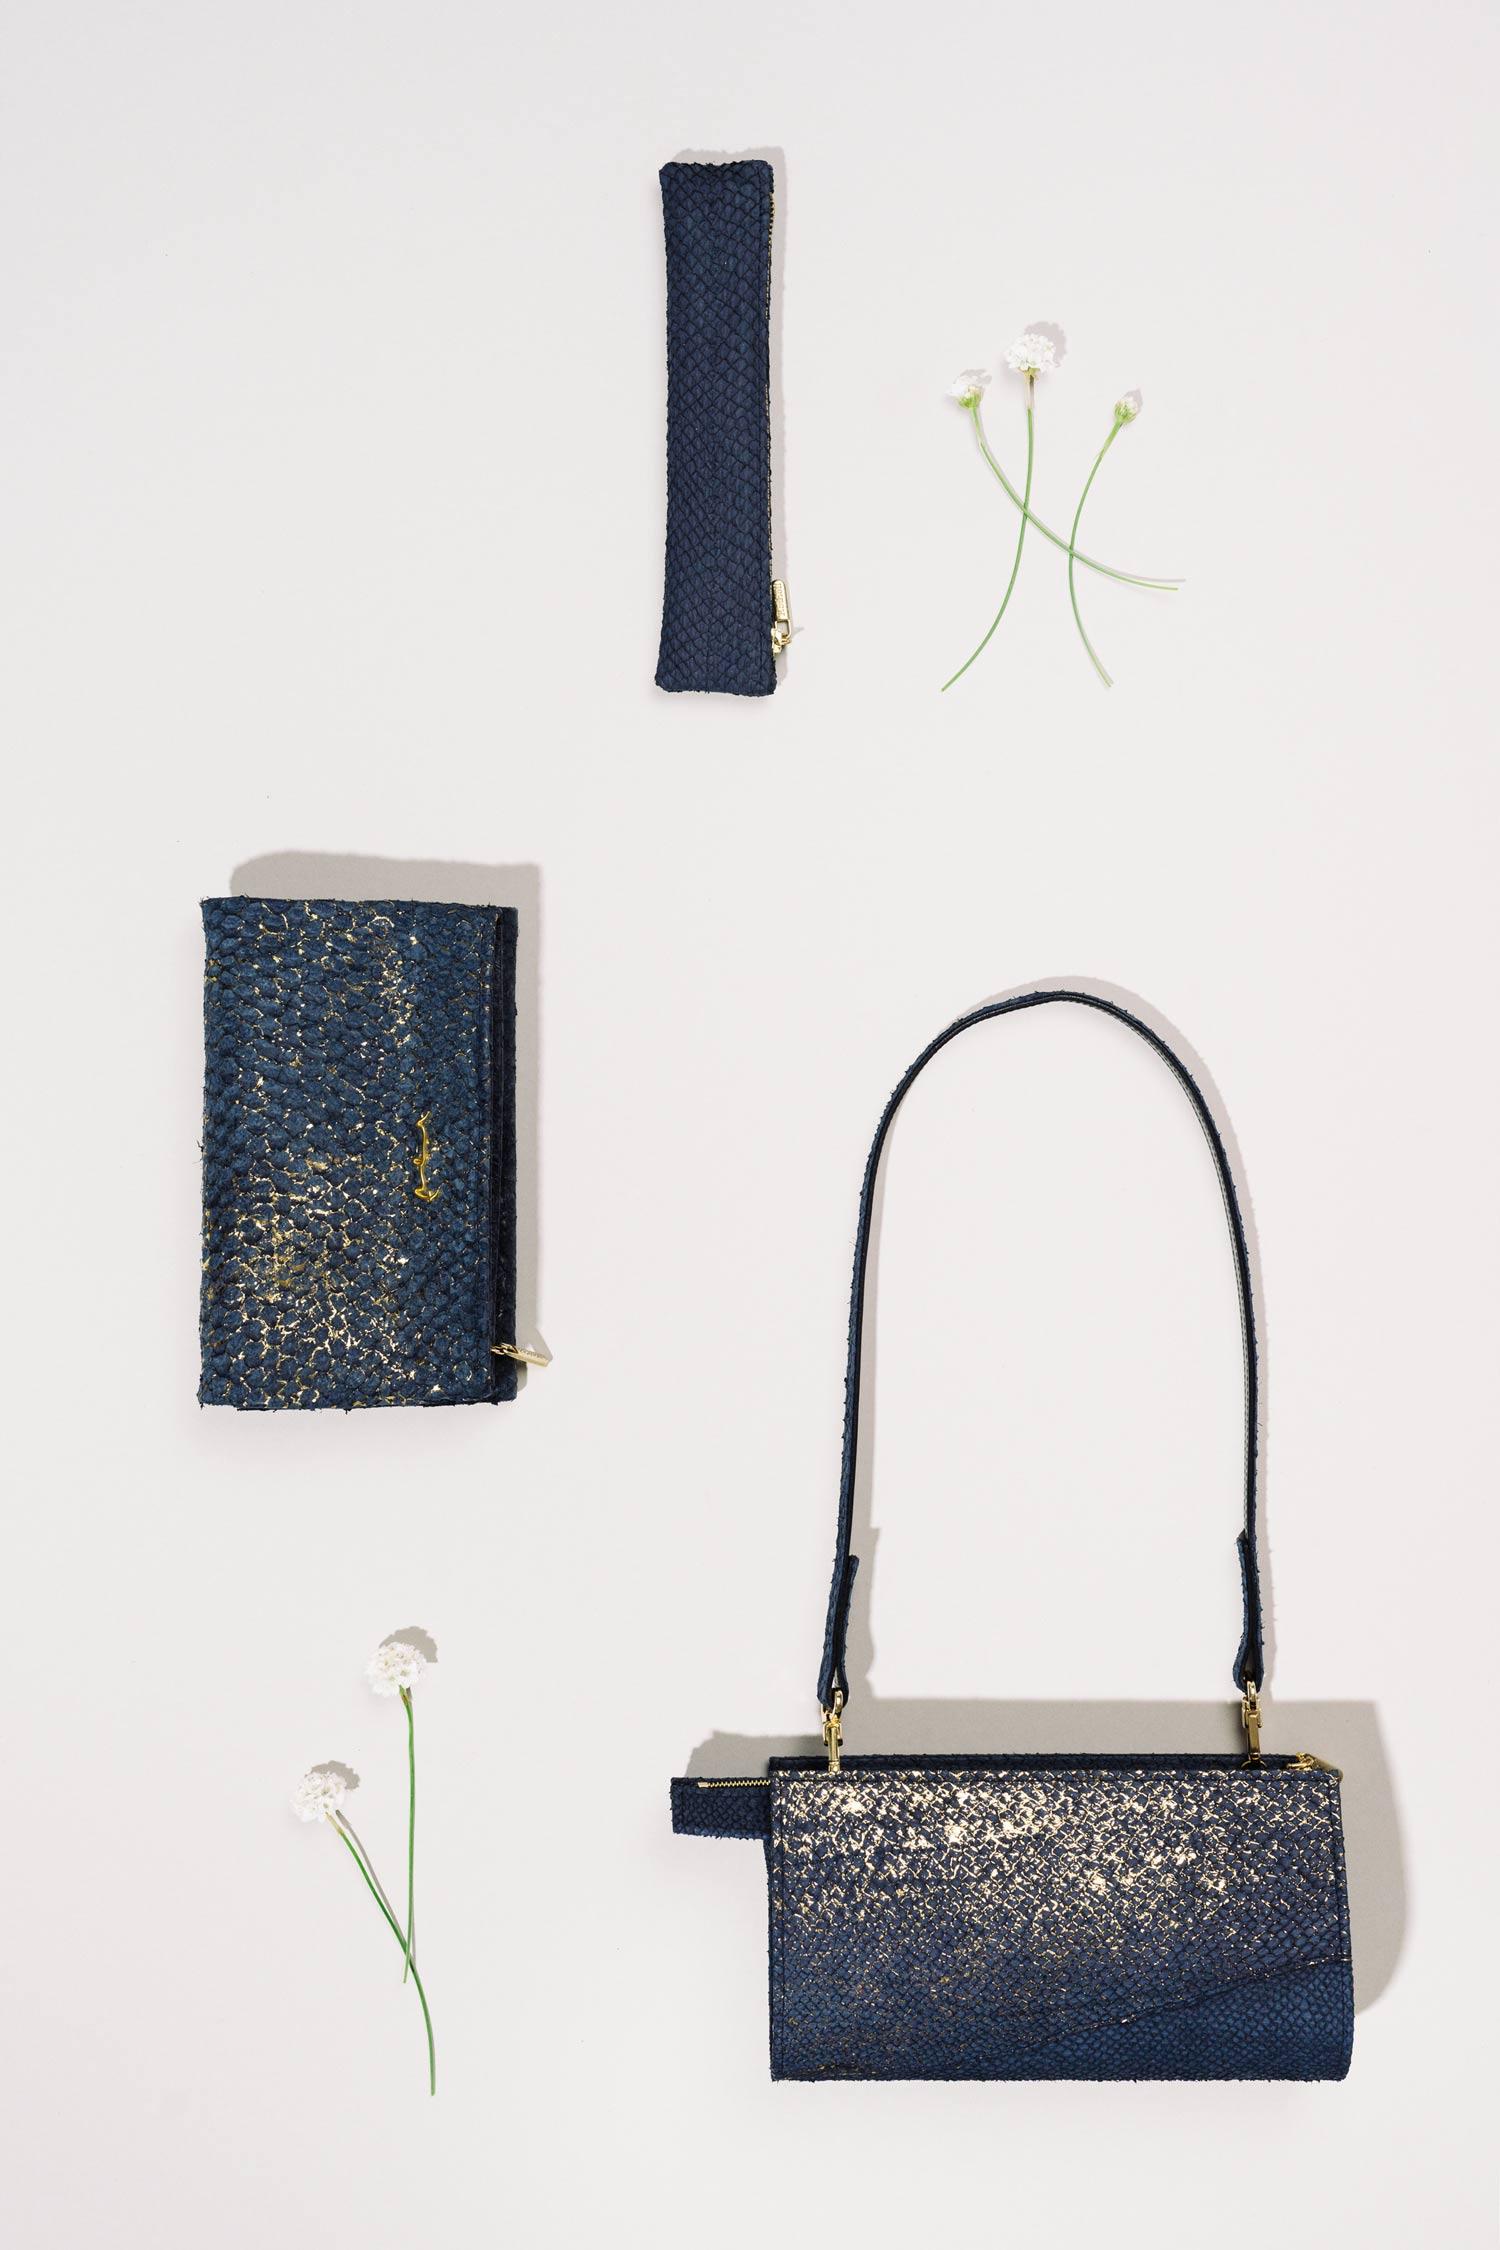 Taschen und Accessoires aus Lachsleder